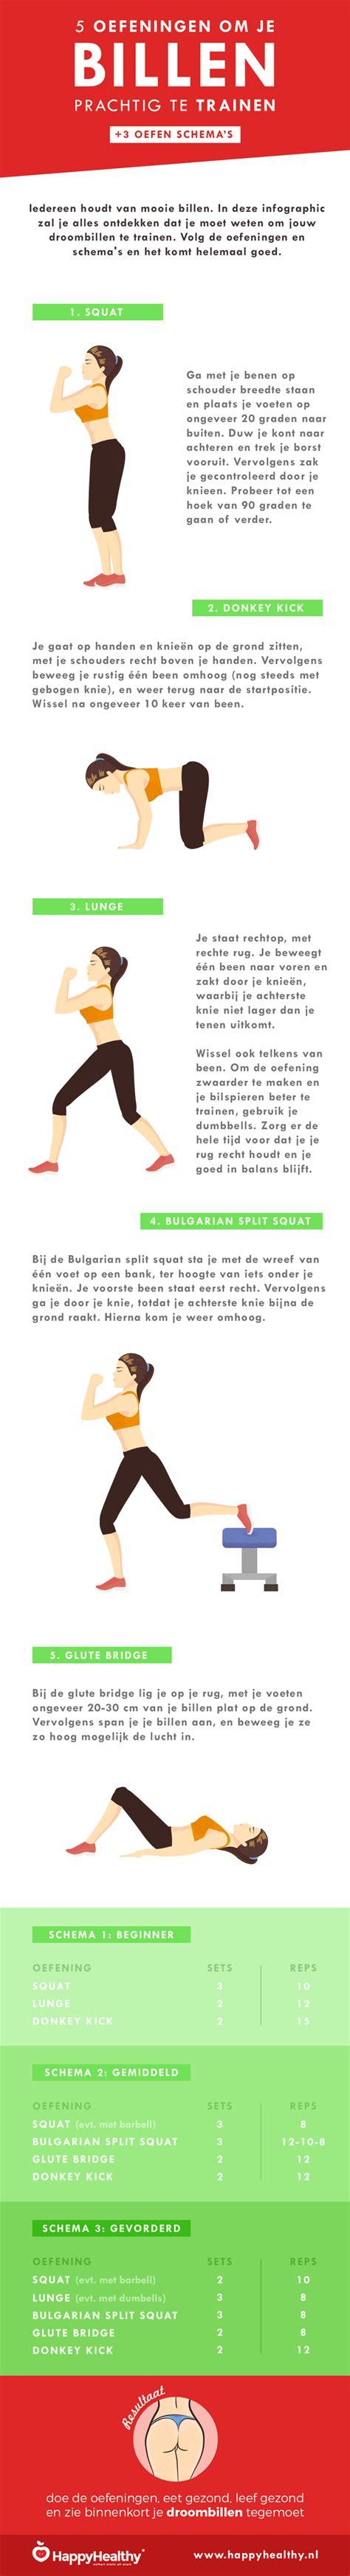 knvb tips voor het uitzetten oefeningen bilspieren trainen 5 beste oefeningen voor je billen